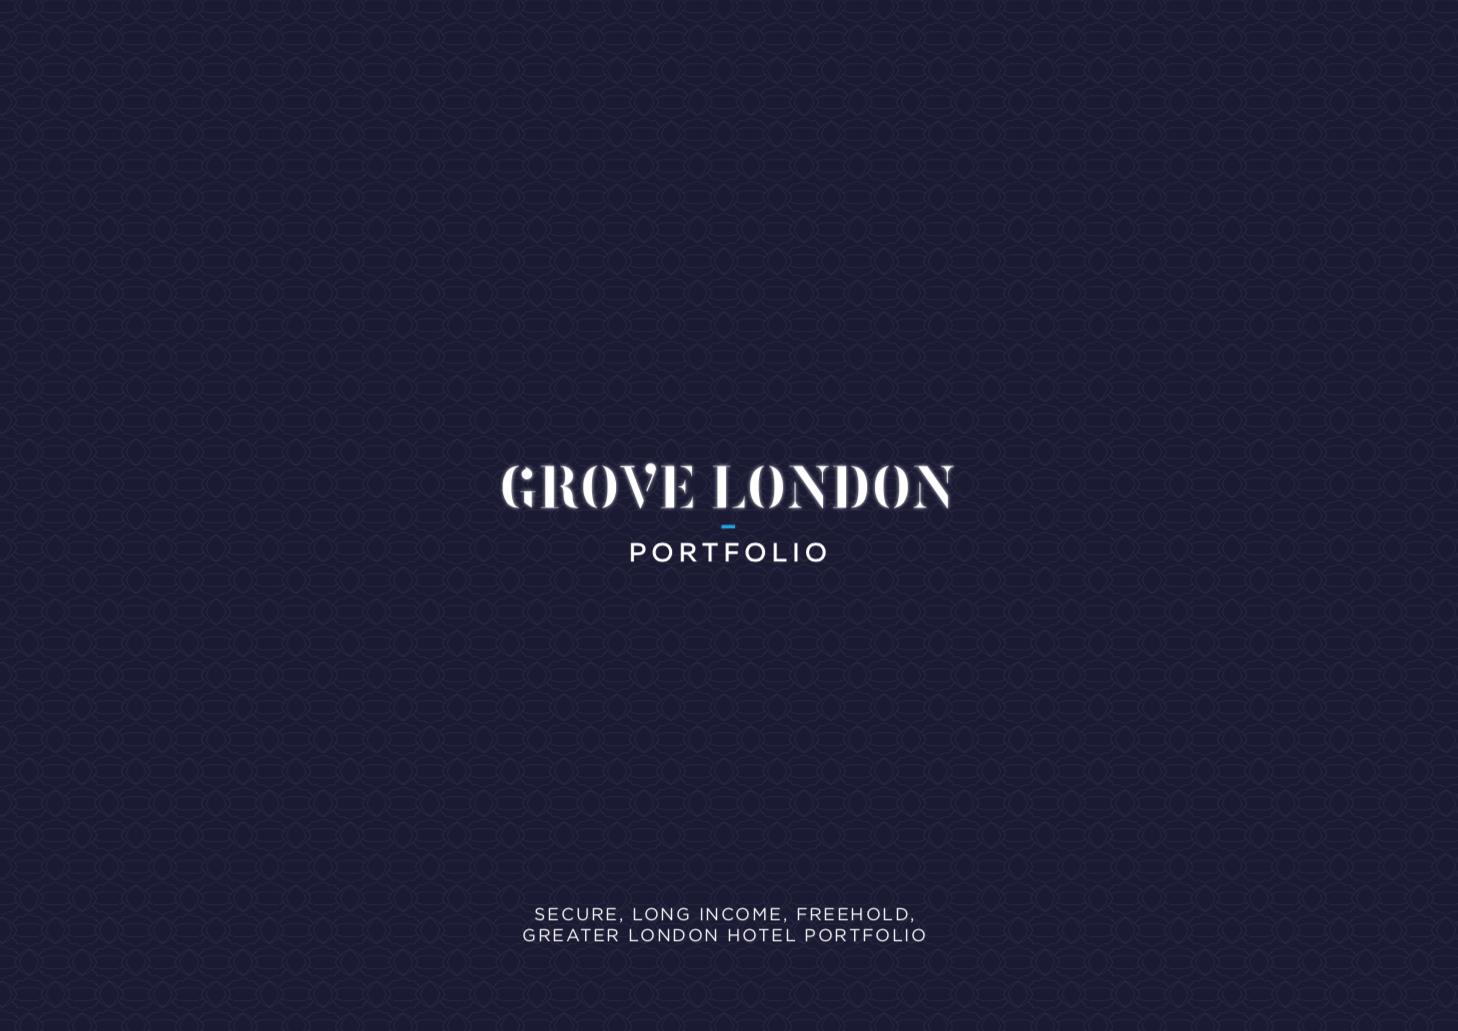 PORTFOLIO - INVESTMENT - ACQUISITION    Grove London Portfolio   4 London Travelodge Hotels   Client:  UK Prop Co   Vendor:  Goldman Sachs   Price:  Confidential